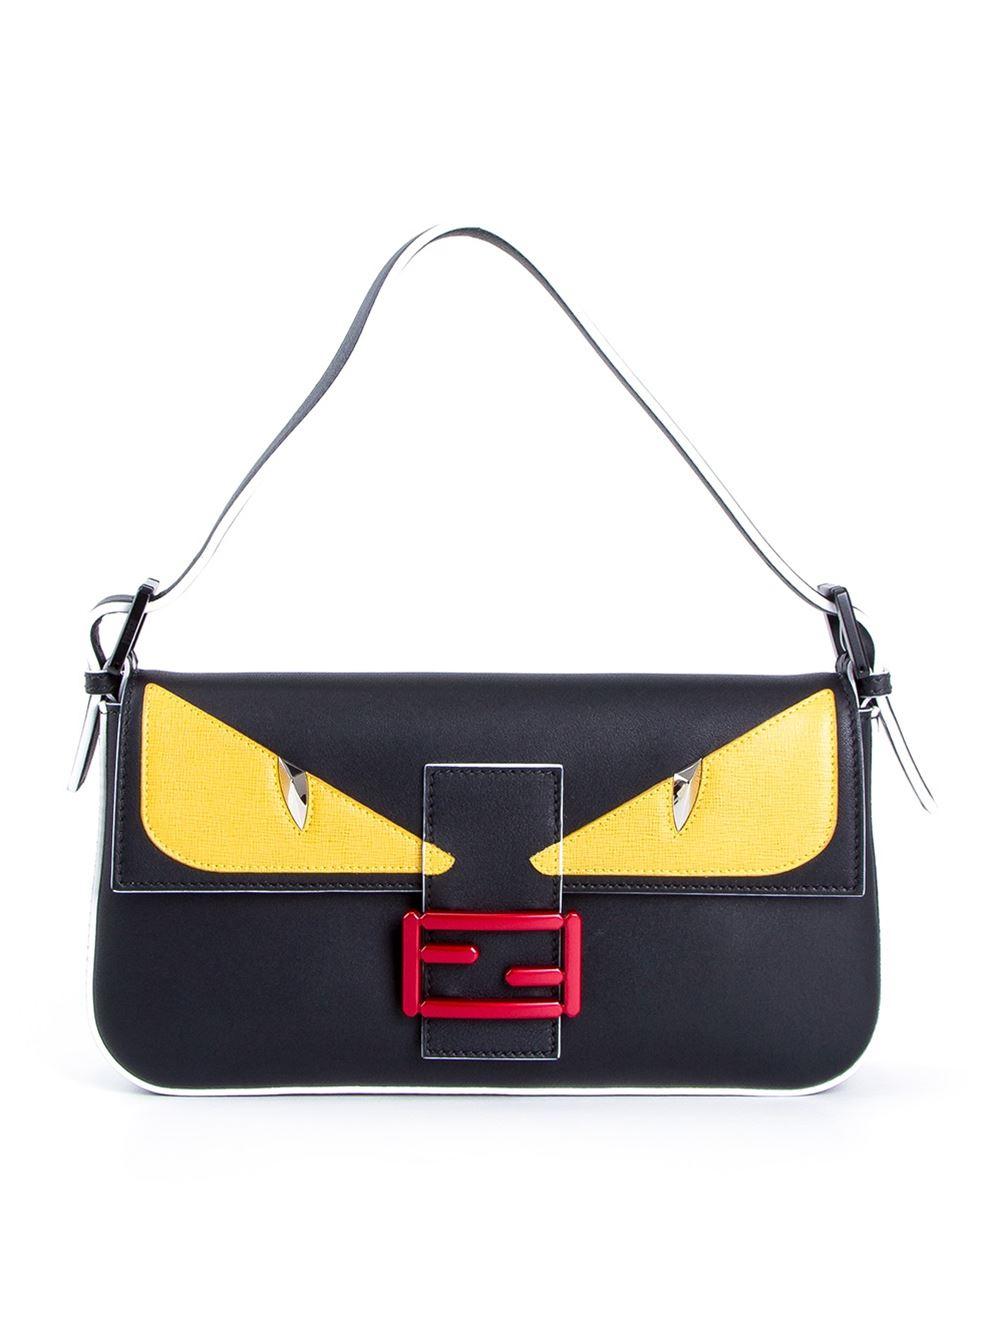 8bb9b51c4d9a ... real fendi baguette bag in black lyst 2599c d933d